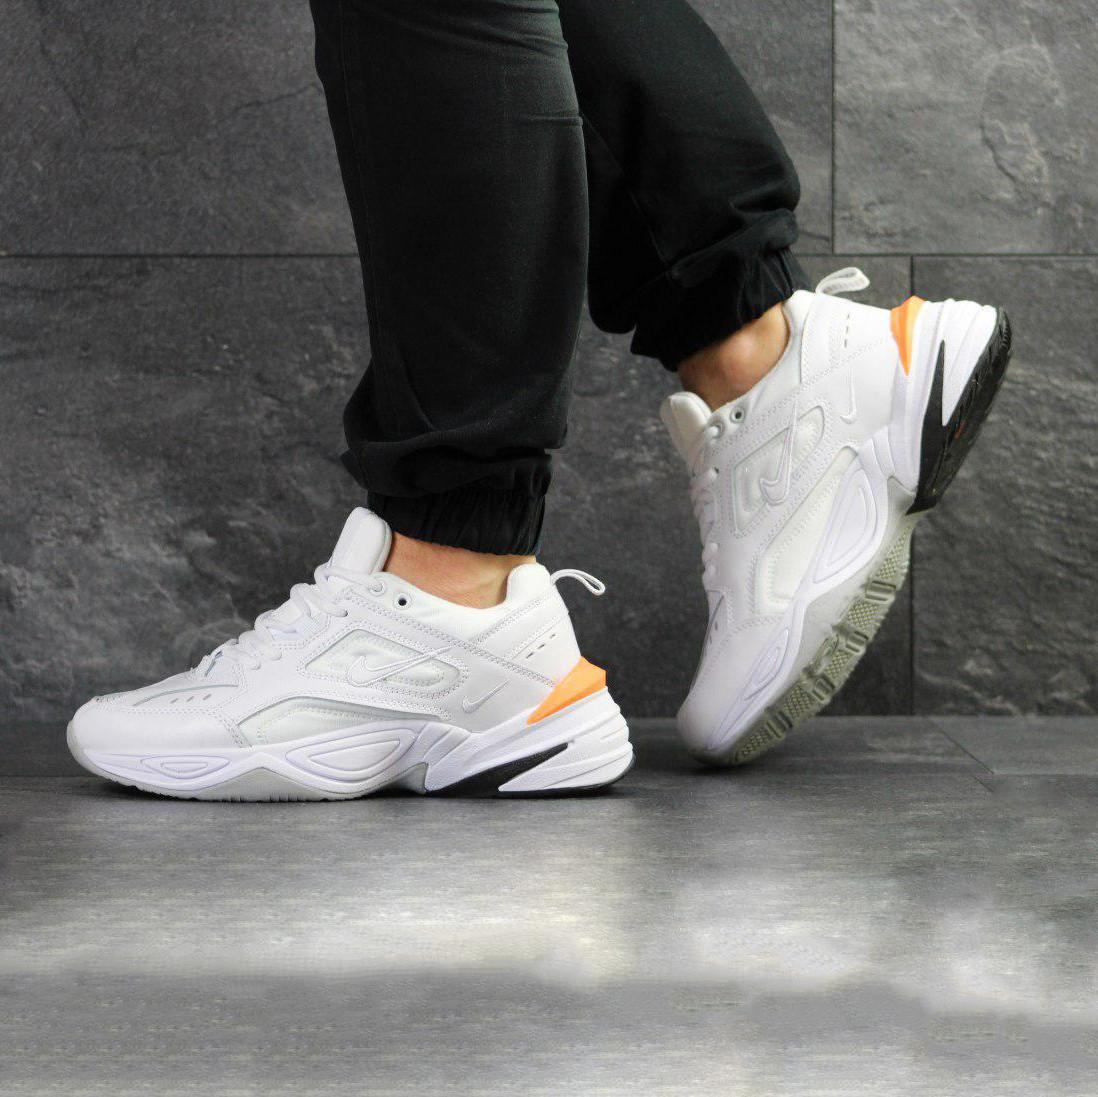 7a9f0f1b Мужские кроссовки в стиле Nike M2K Tekno (бело/оранжевые) - купить ...